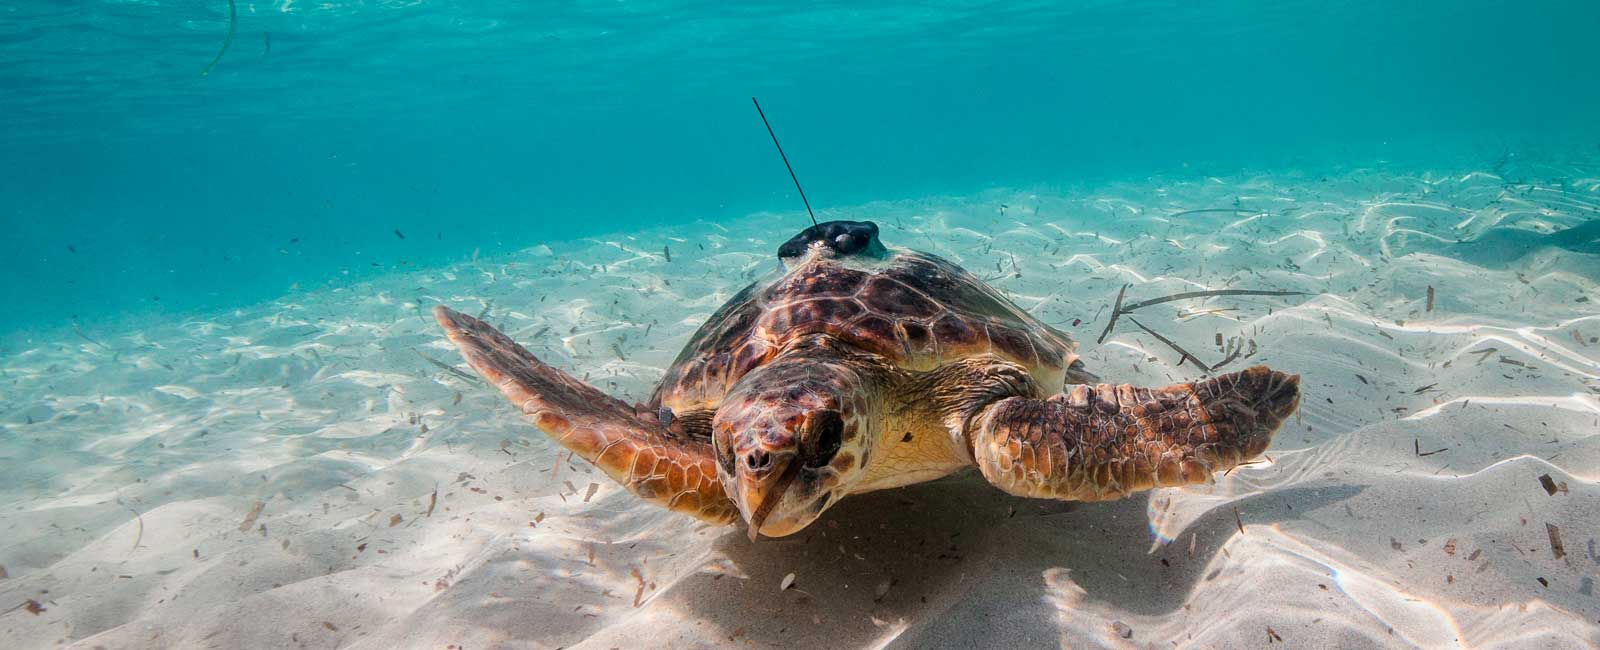 tortugas_oceanografas_noticia_1600x650_